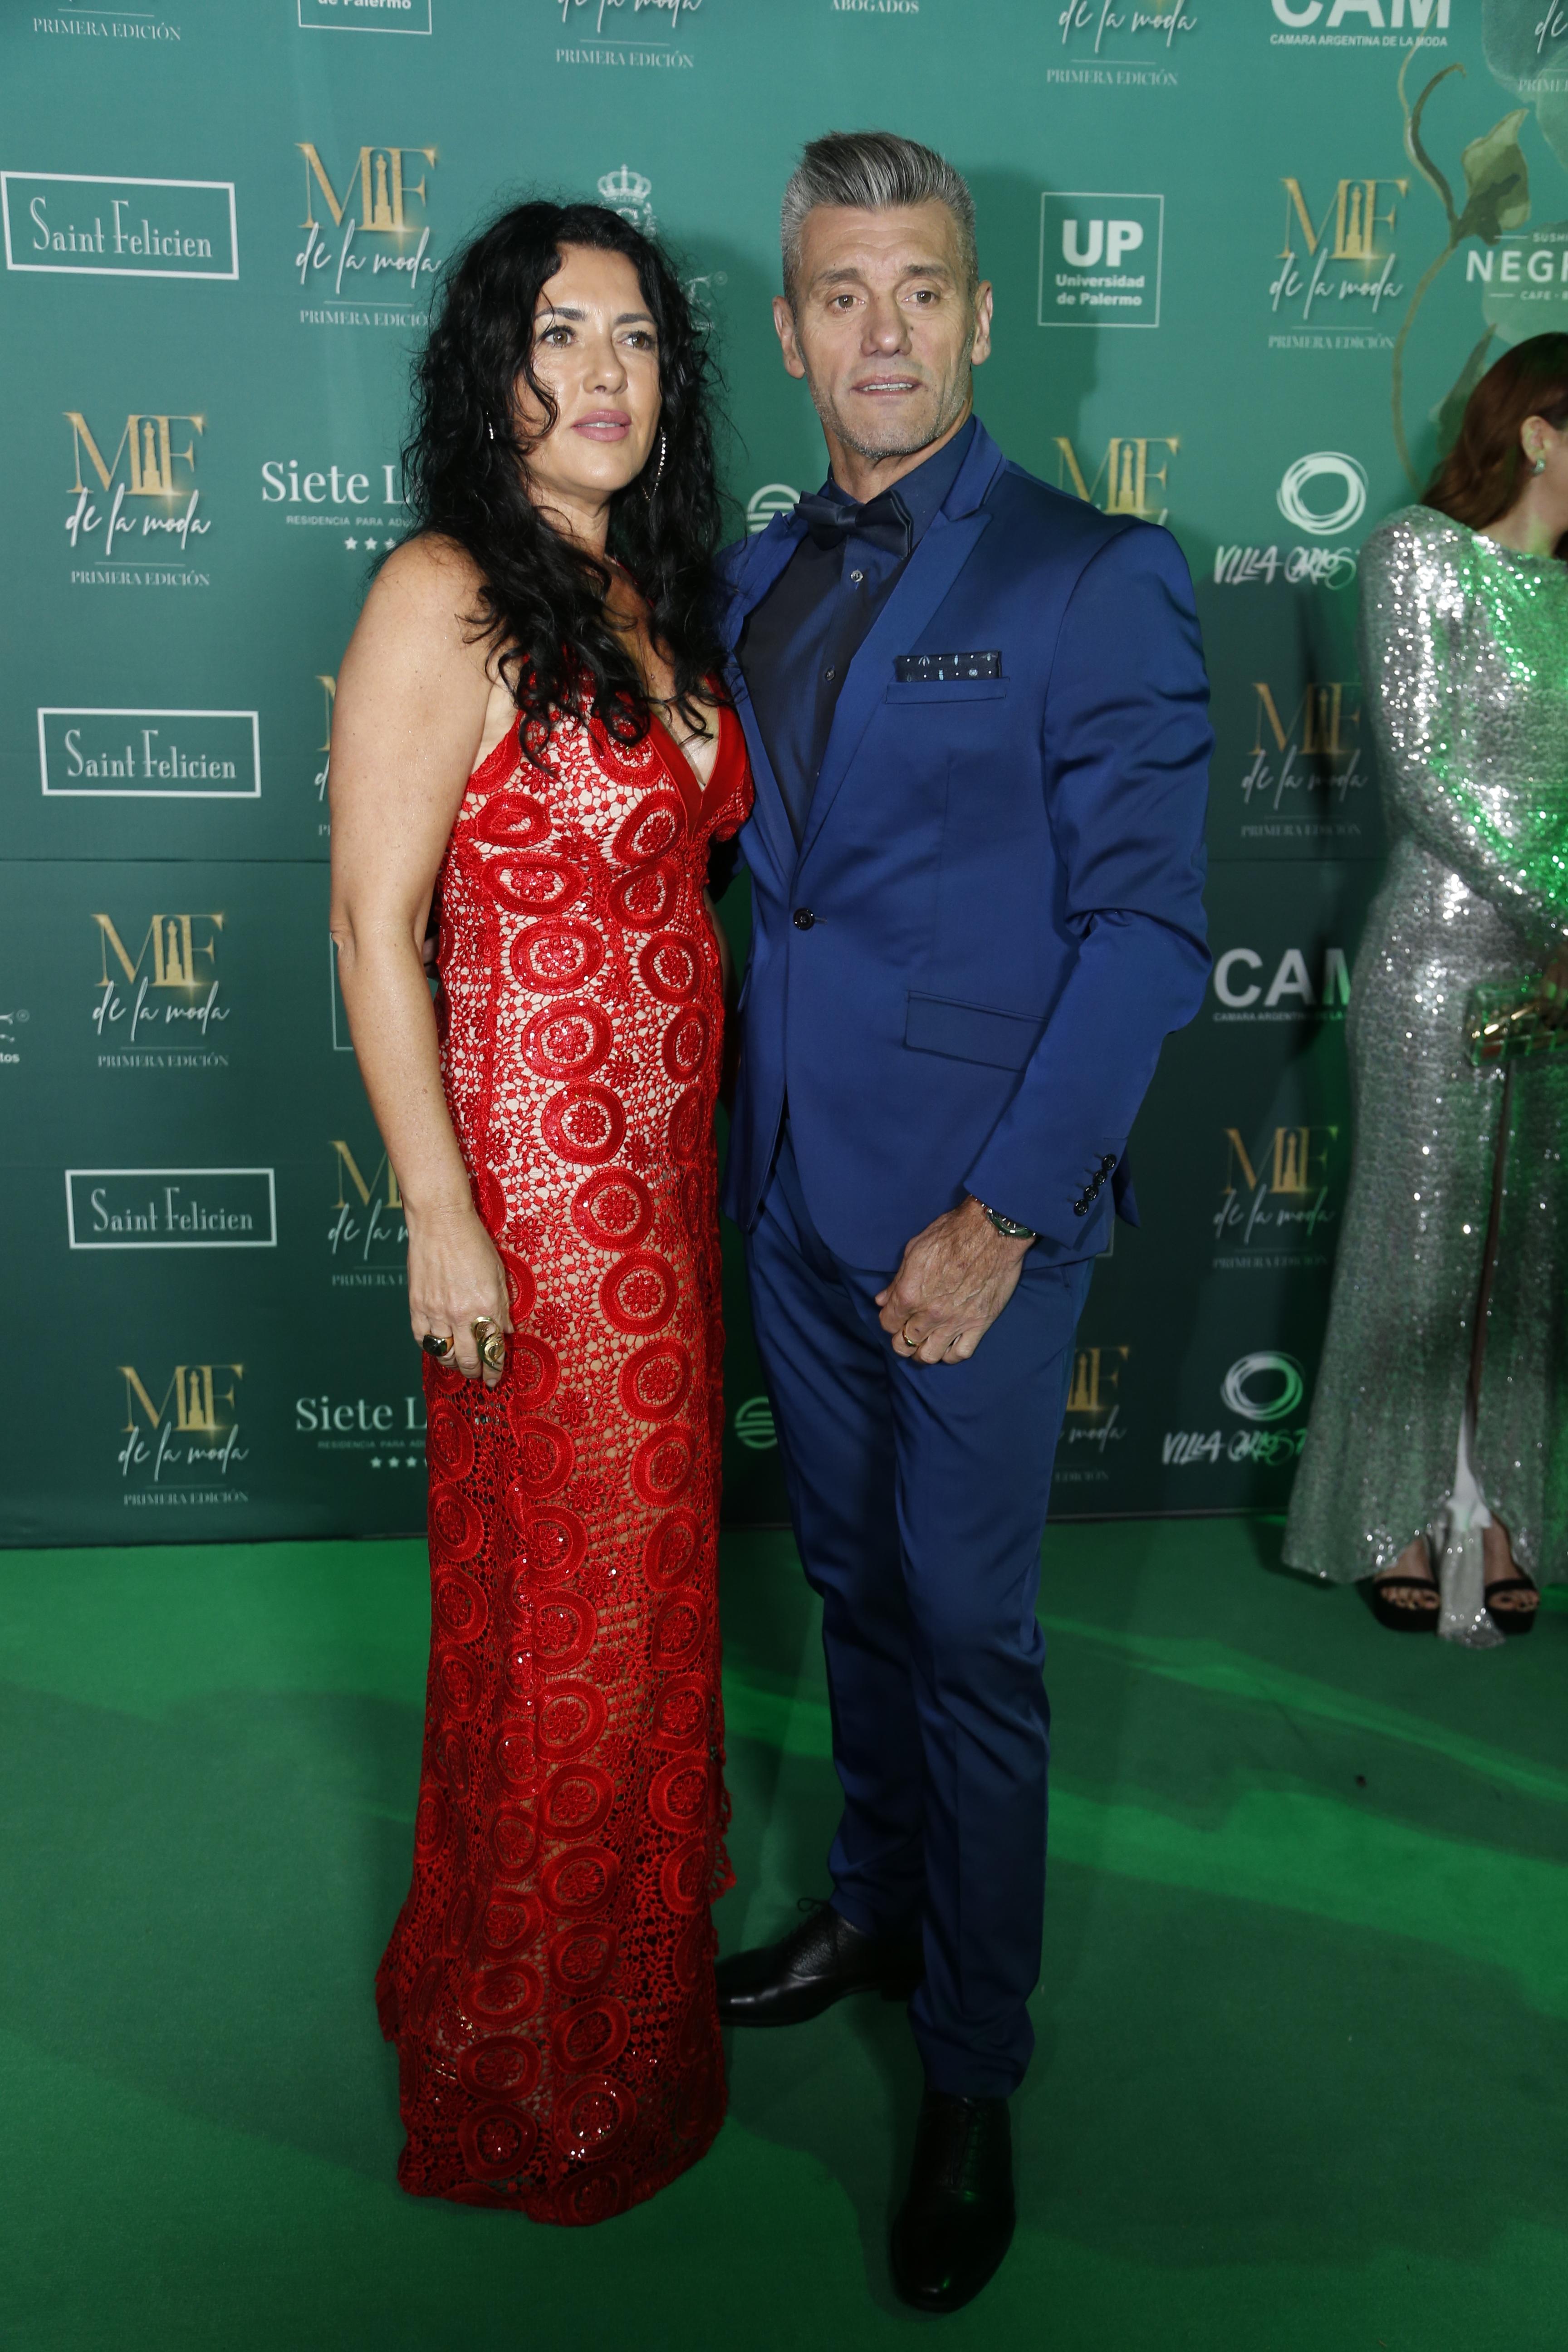 Sergio Goycochea con un smoking azul y su mujer con un vestido rojo en la green carpet